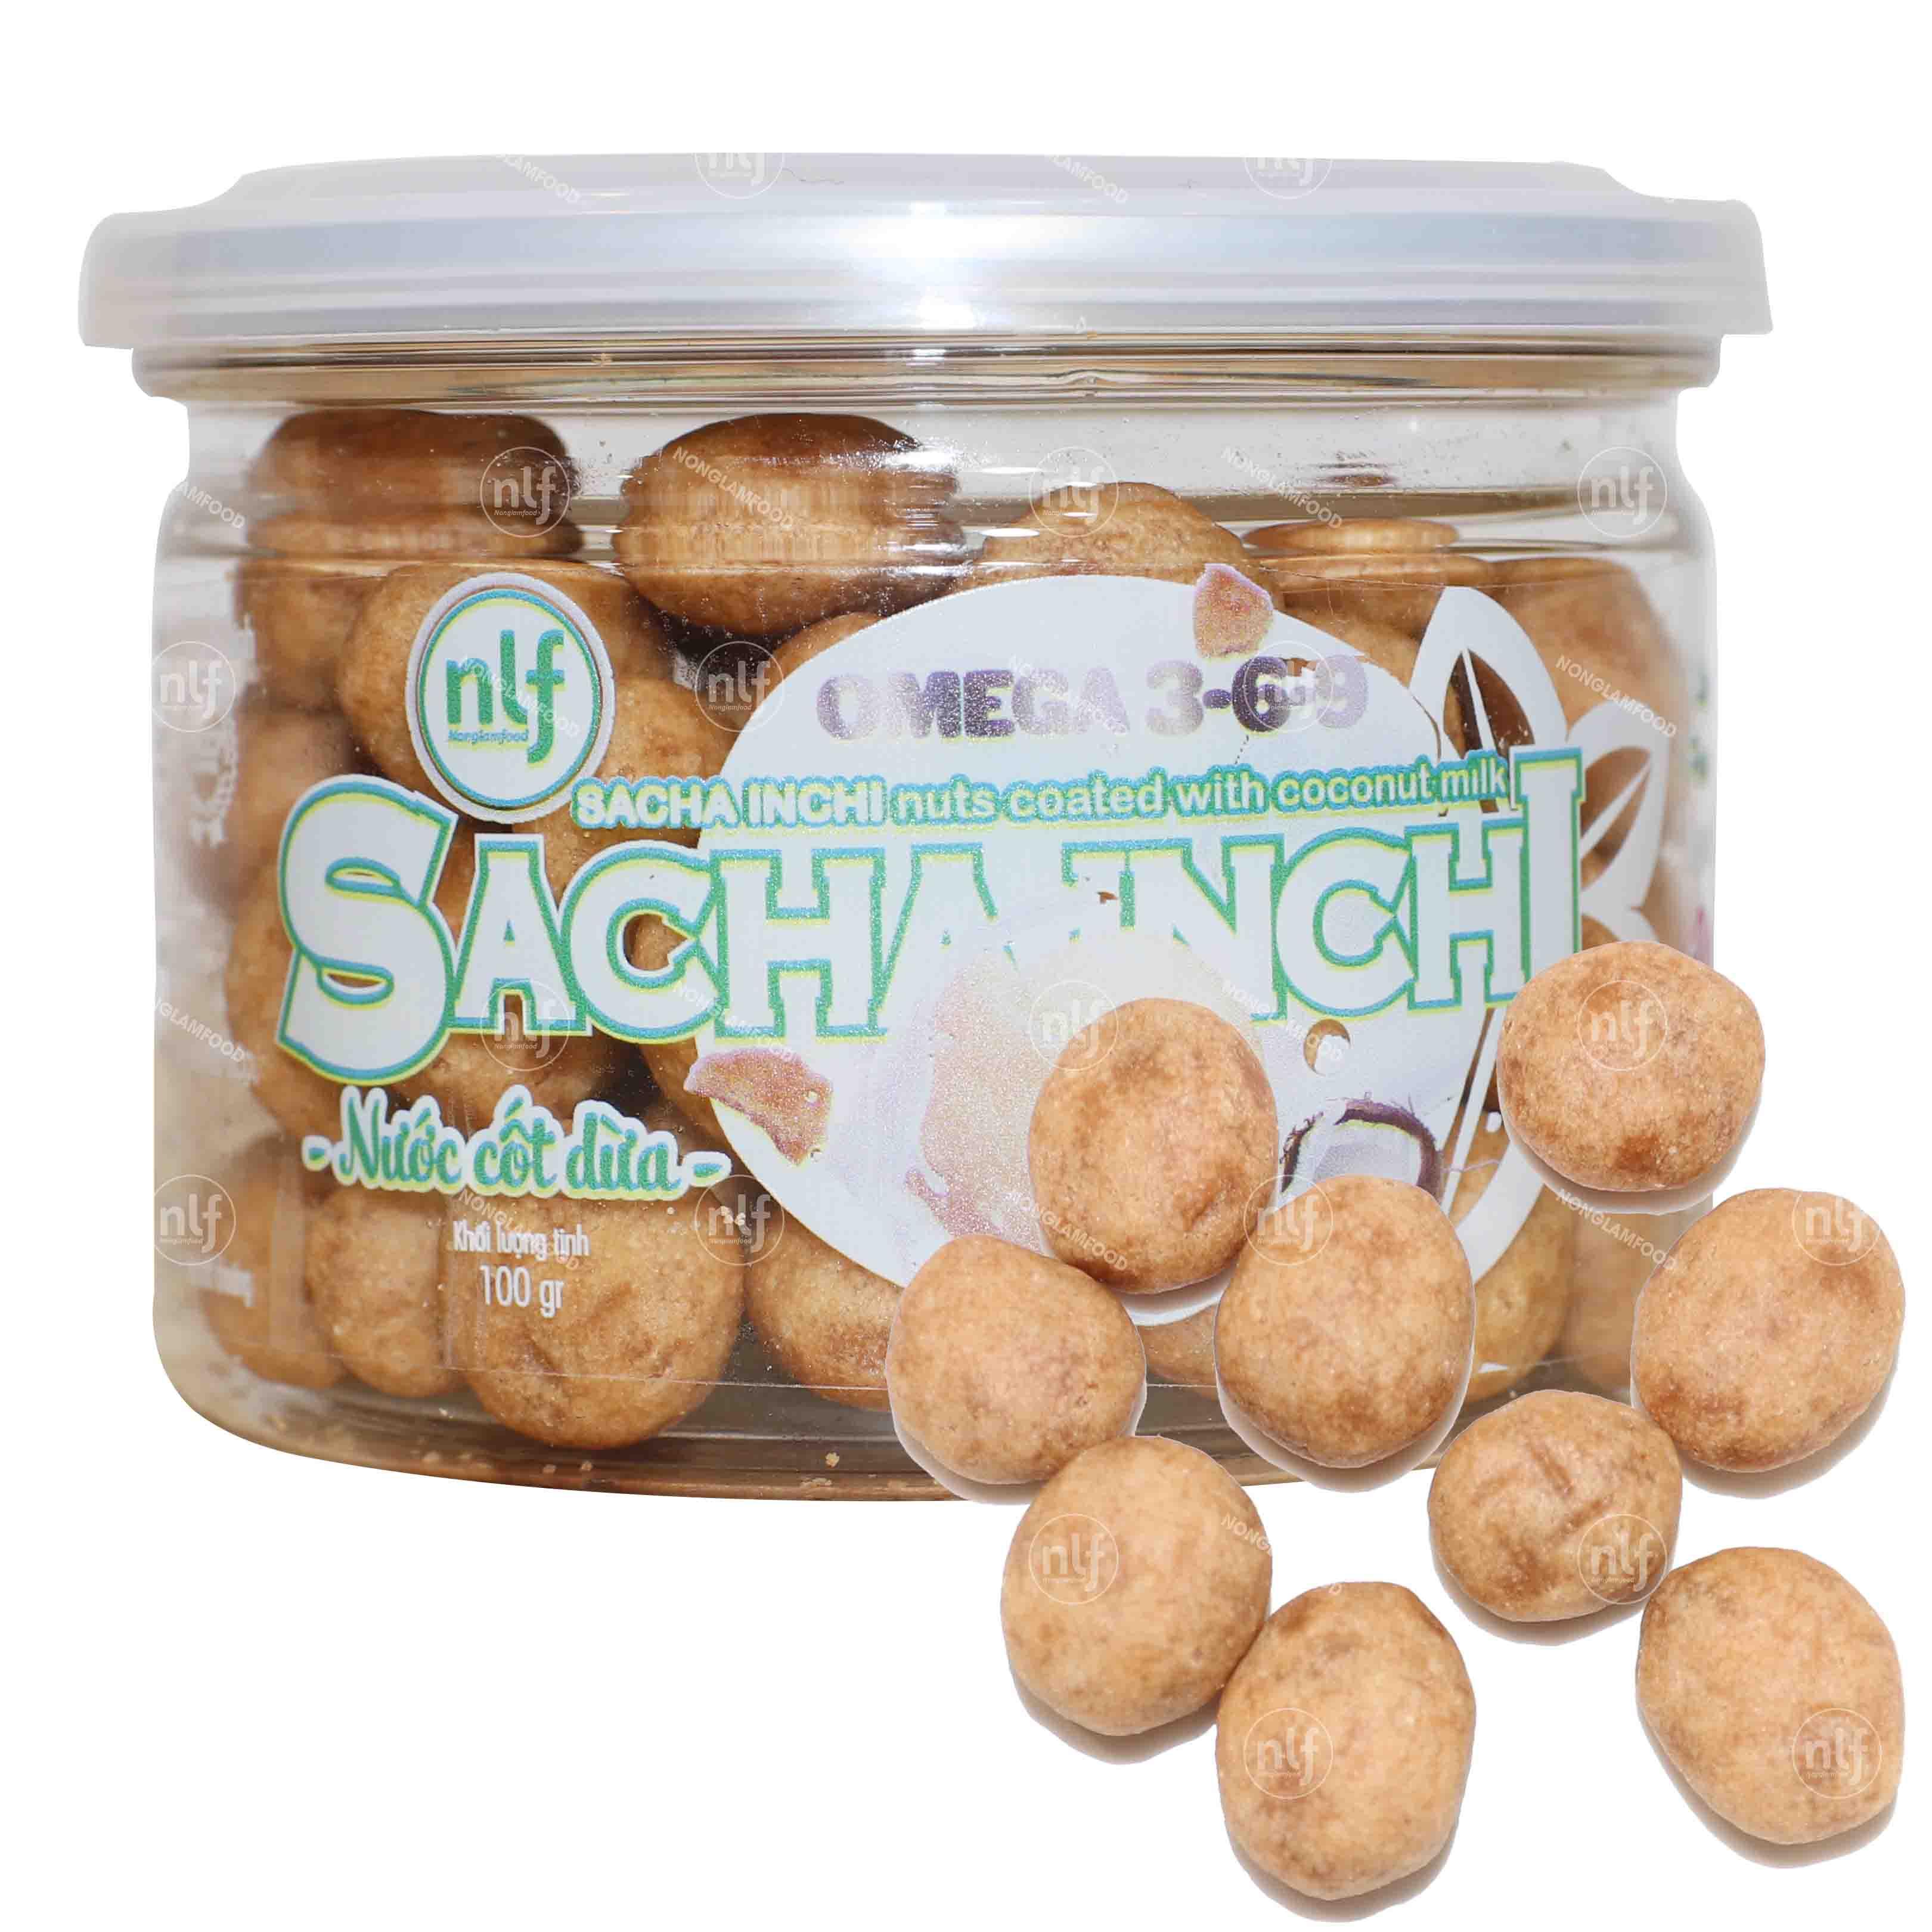 sachi-cot-dua1.jpg